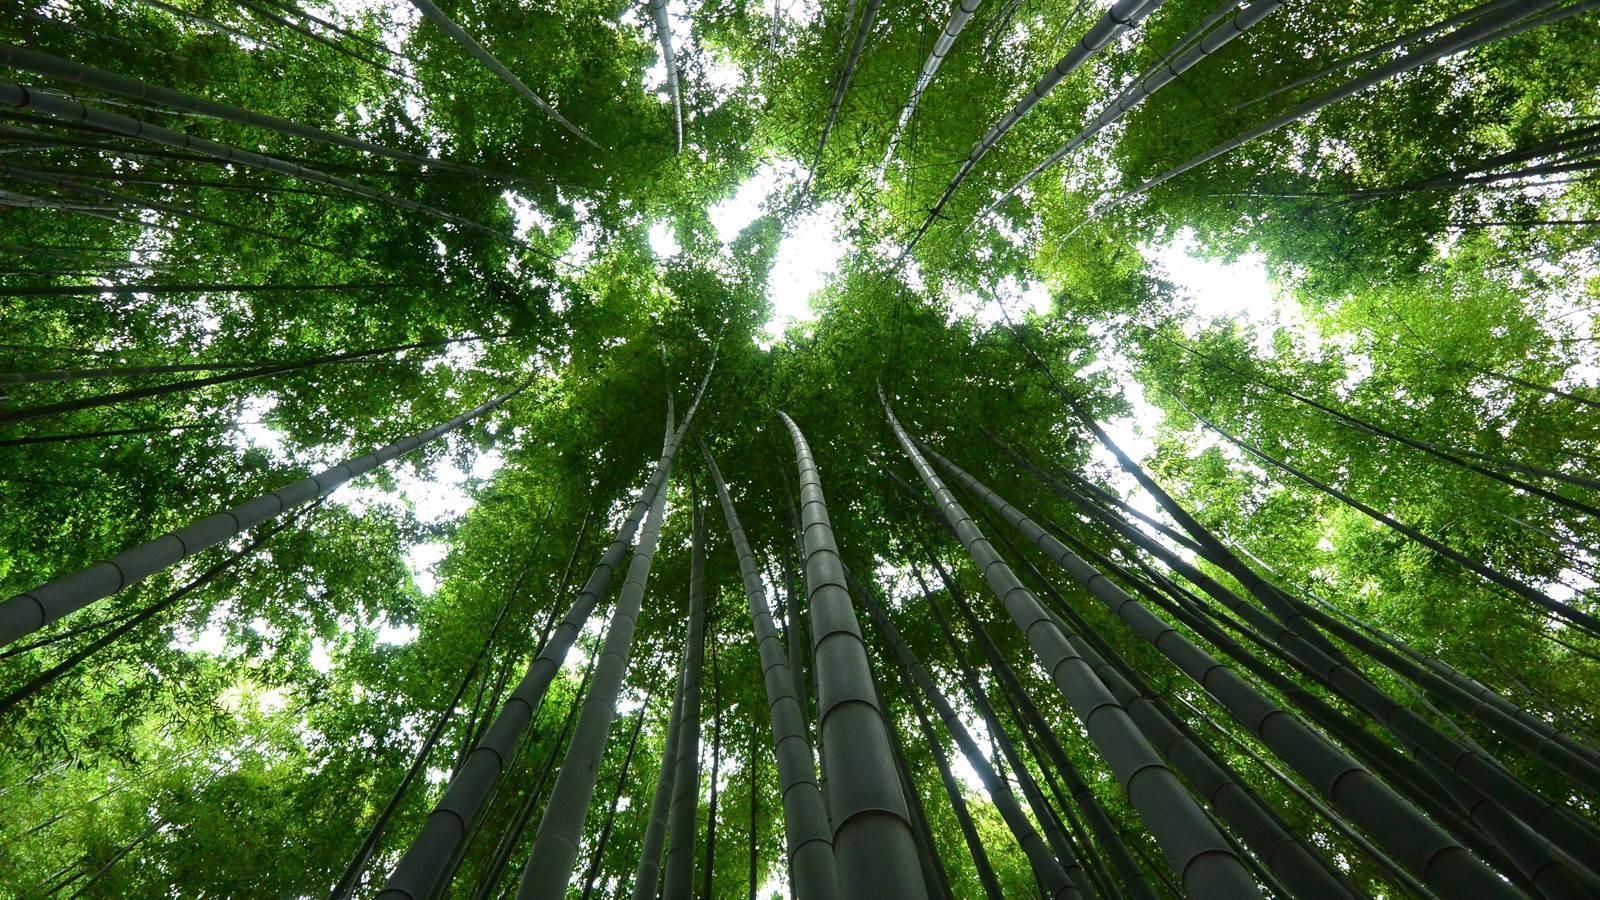 Anduze et la Bambouseraie de Prafrance